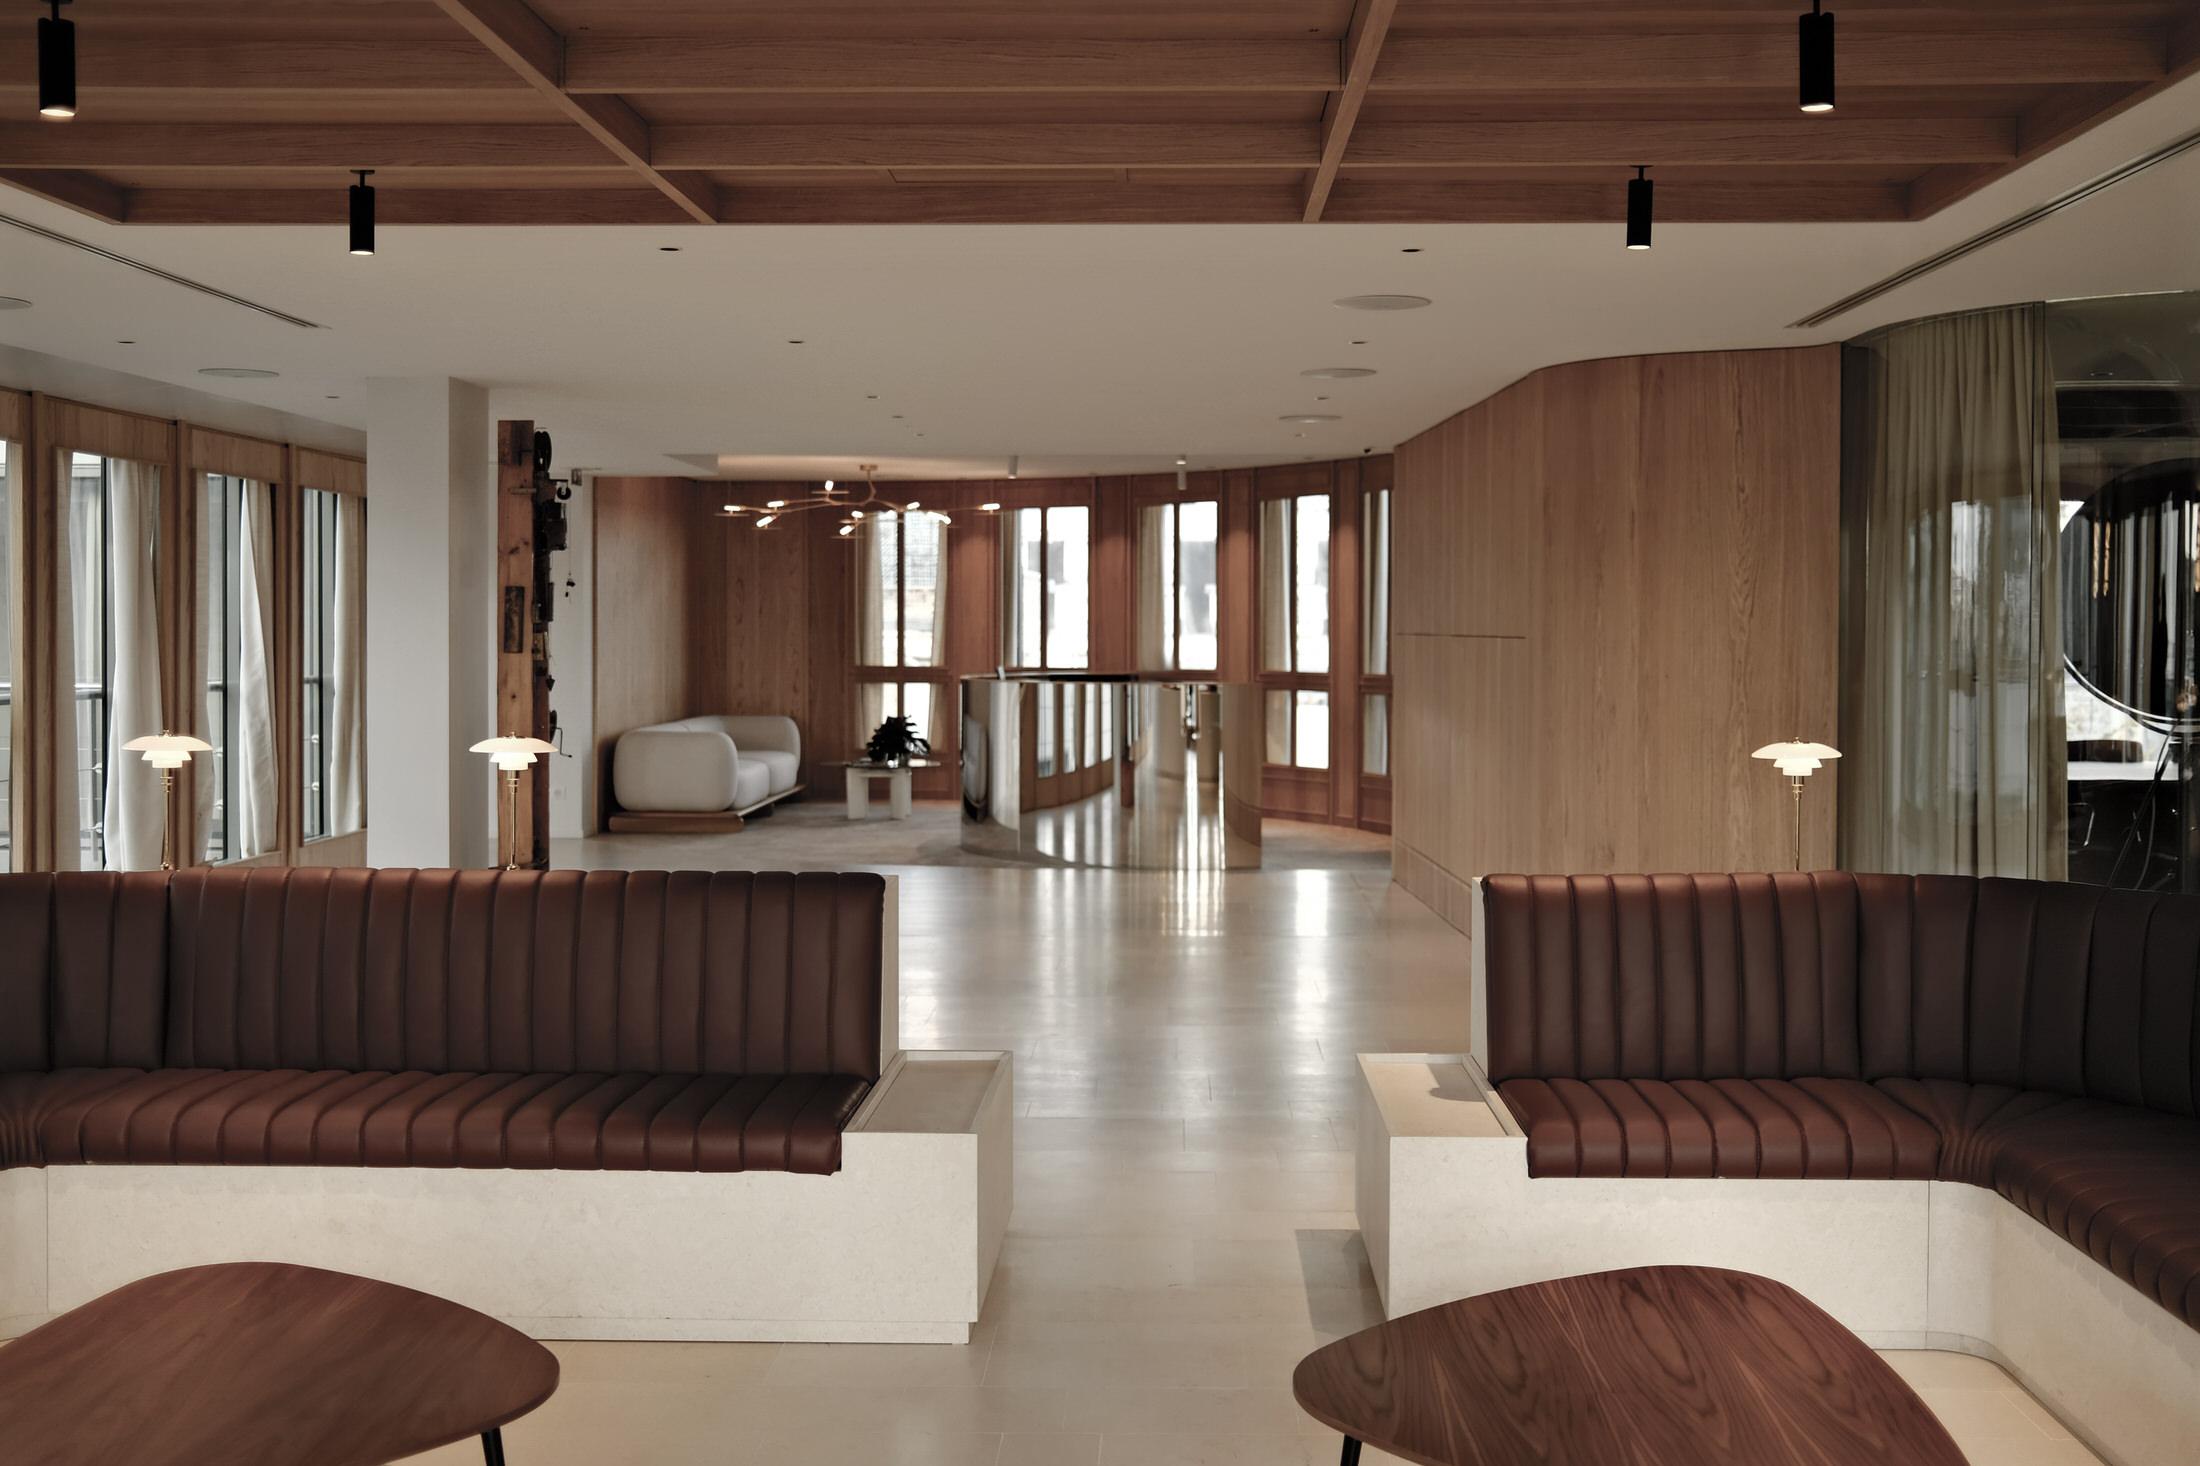 Hauvette Madani Matignon Office Accueil Photo Lucas Madani Yellowtrace 07